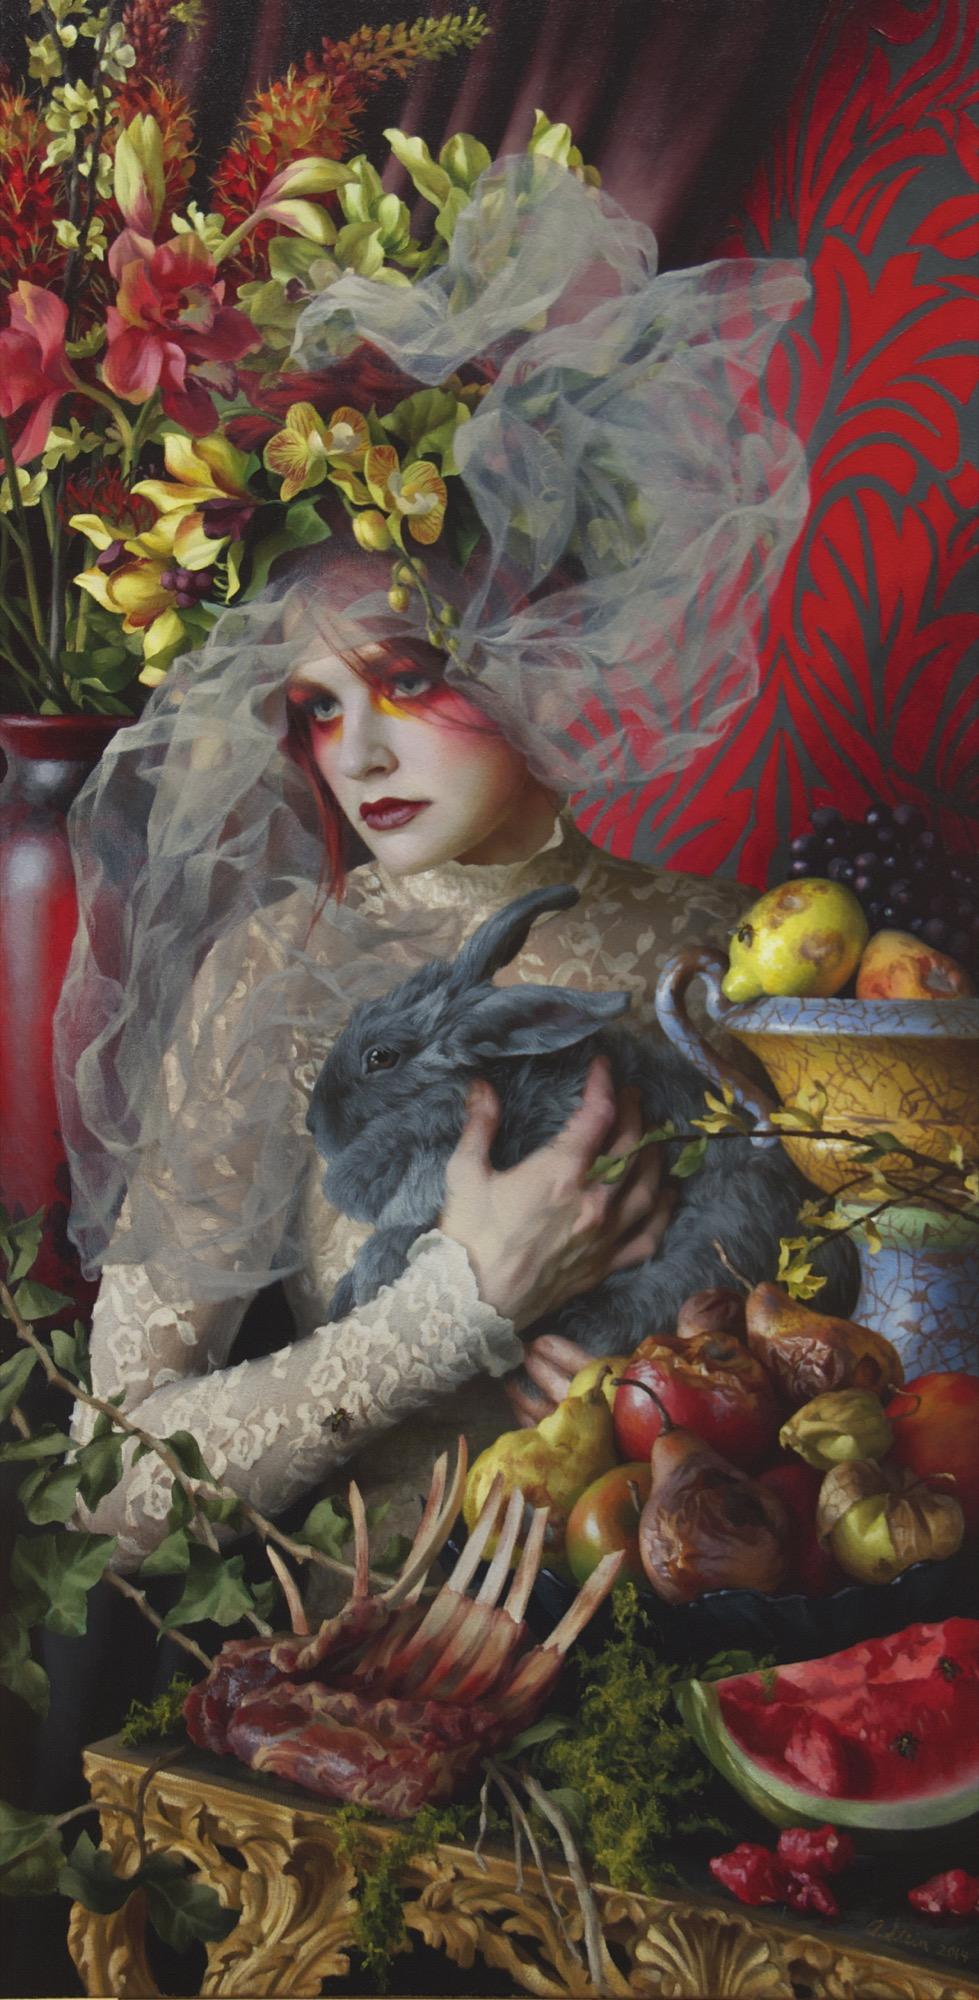 La Fete Sauvage by Adrienne Stein